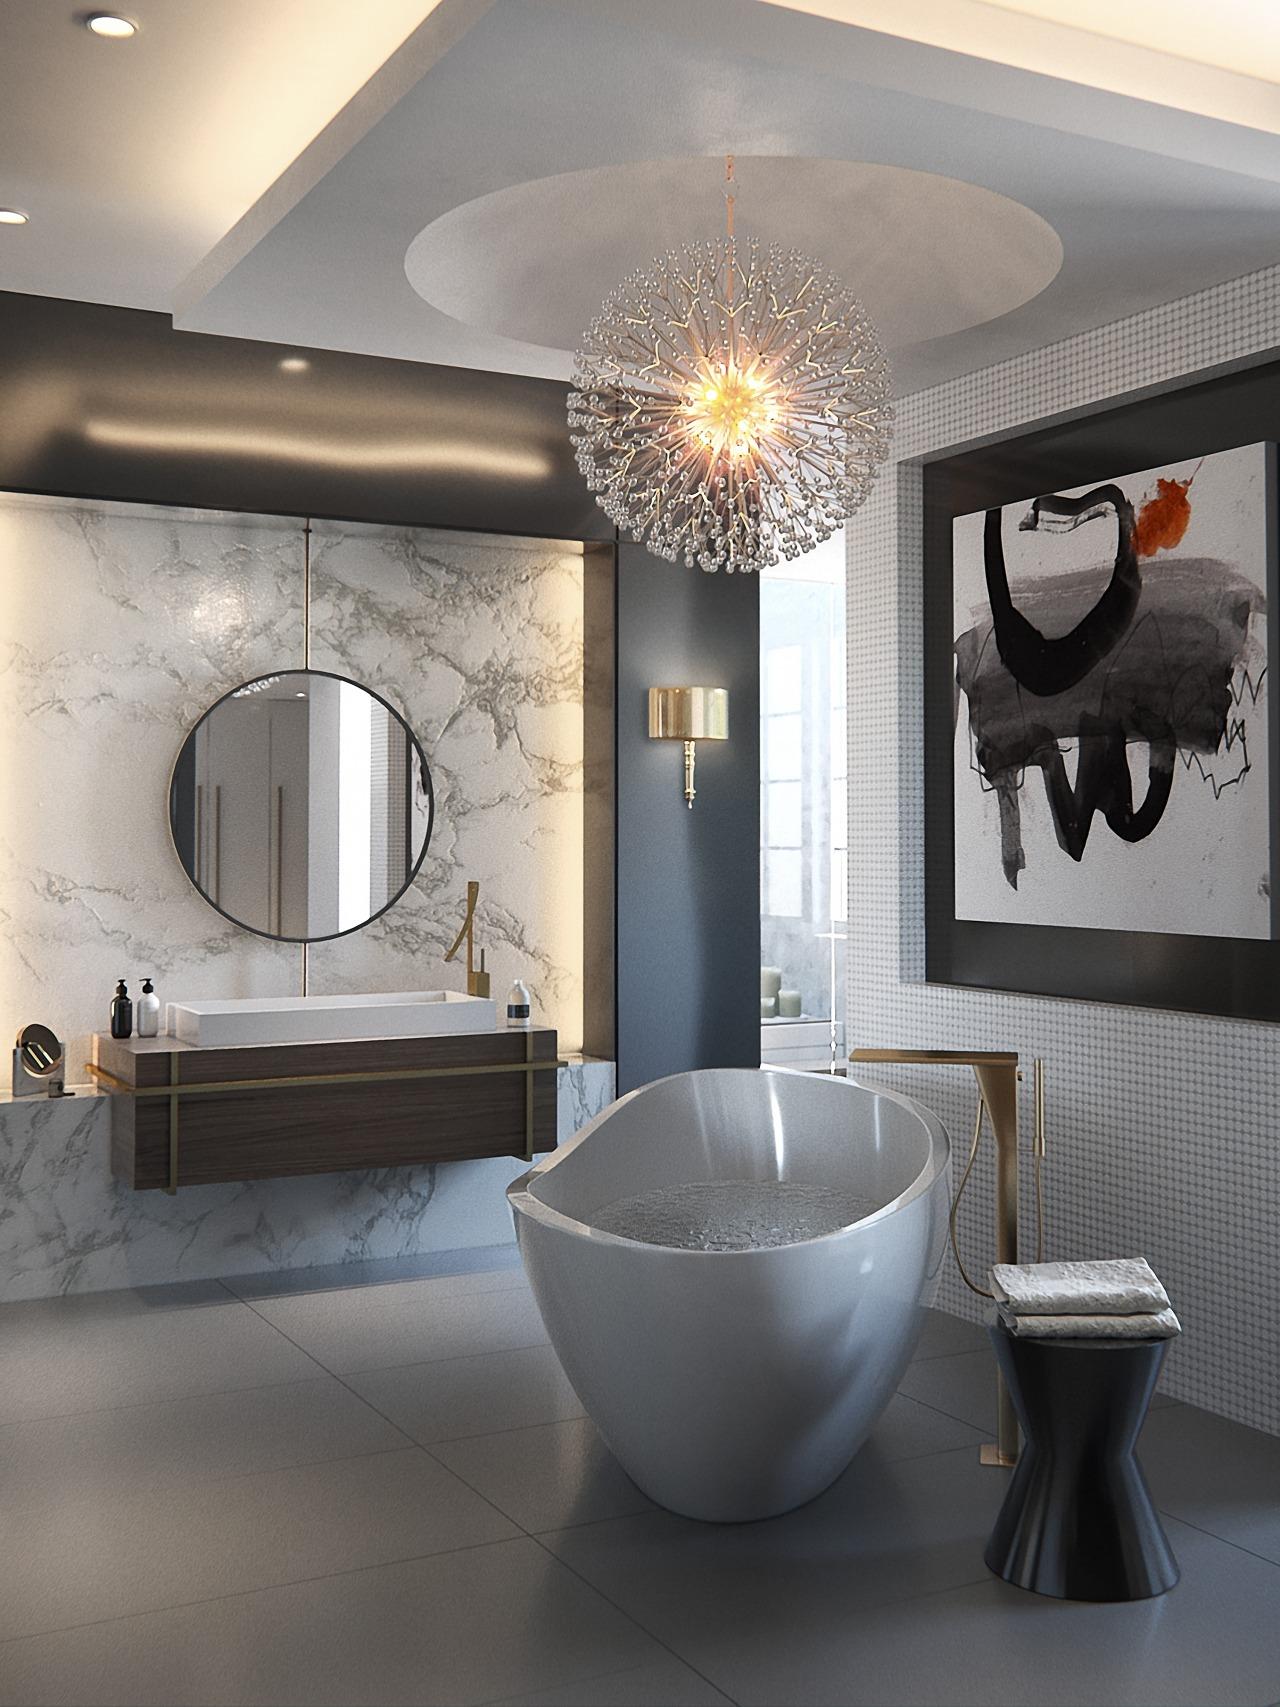 In this bathroom, architect Sandra Diaz-Velasco employed exotic architecture, bathroom, ceramic, design, floor, flooring, home, house, interior design, plumbing fixture, tile, toilet, Sandra Diaz-Velasco